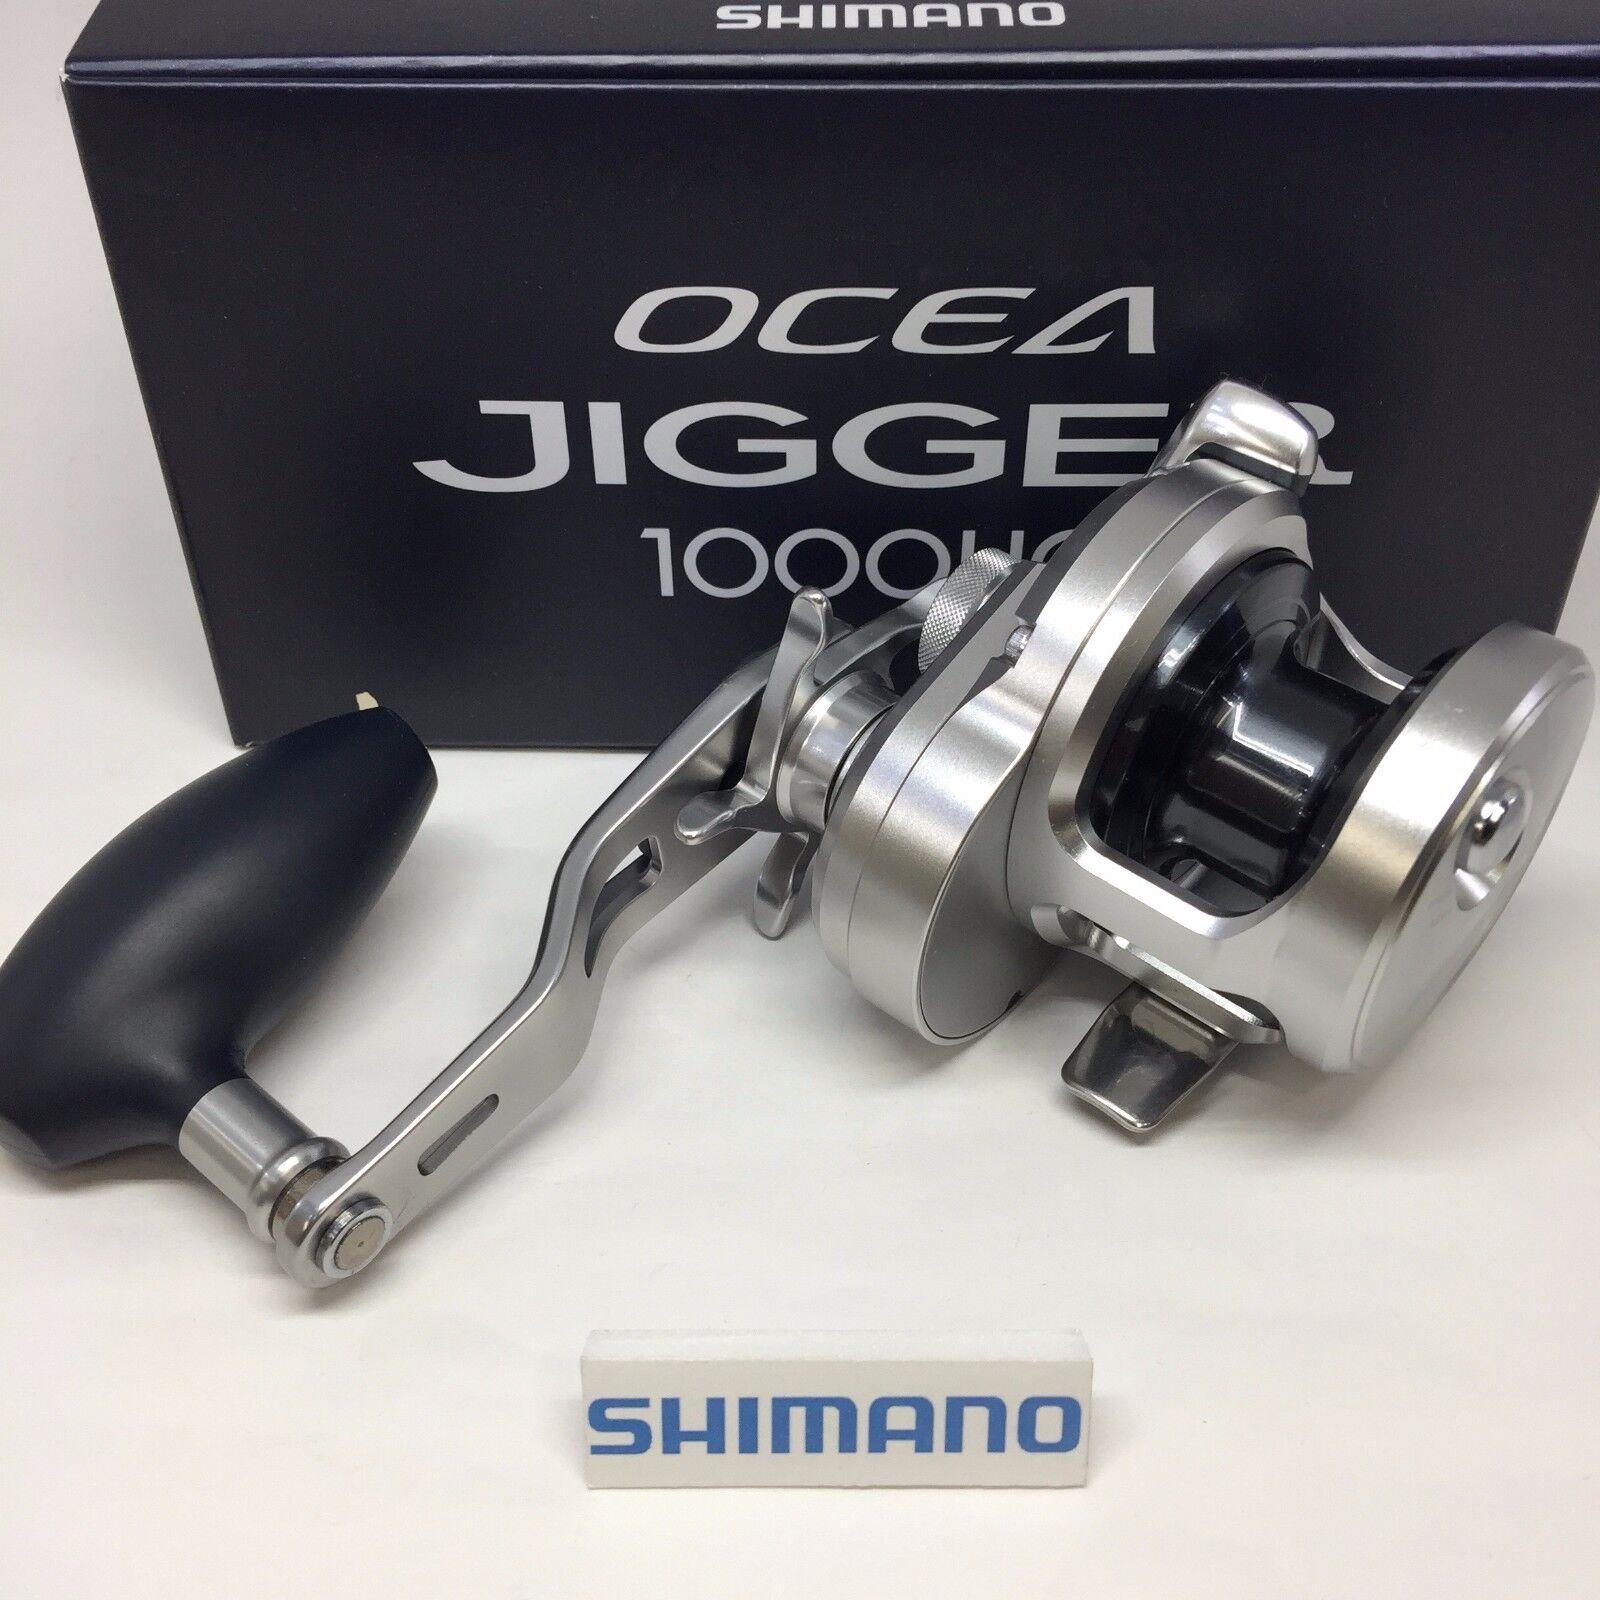 Shimano 17 Ocea Jigger 1000 Hg derecho-Envío gratuito desde Japón